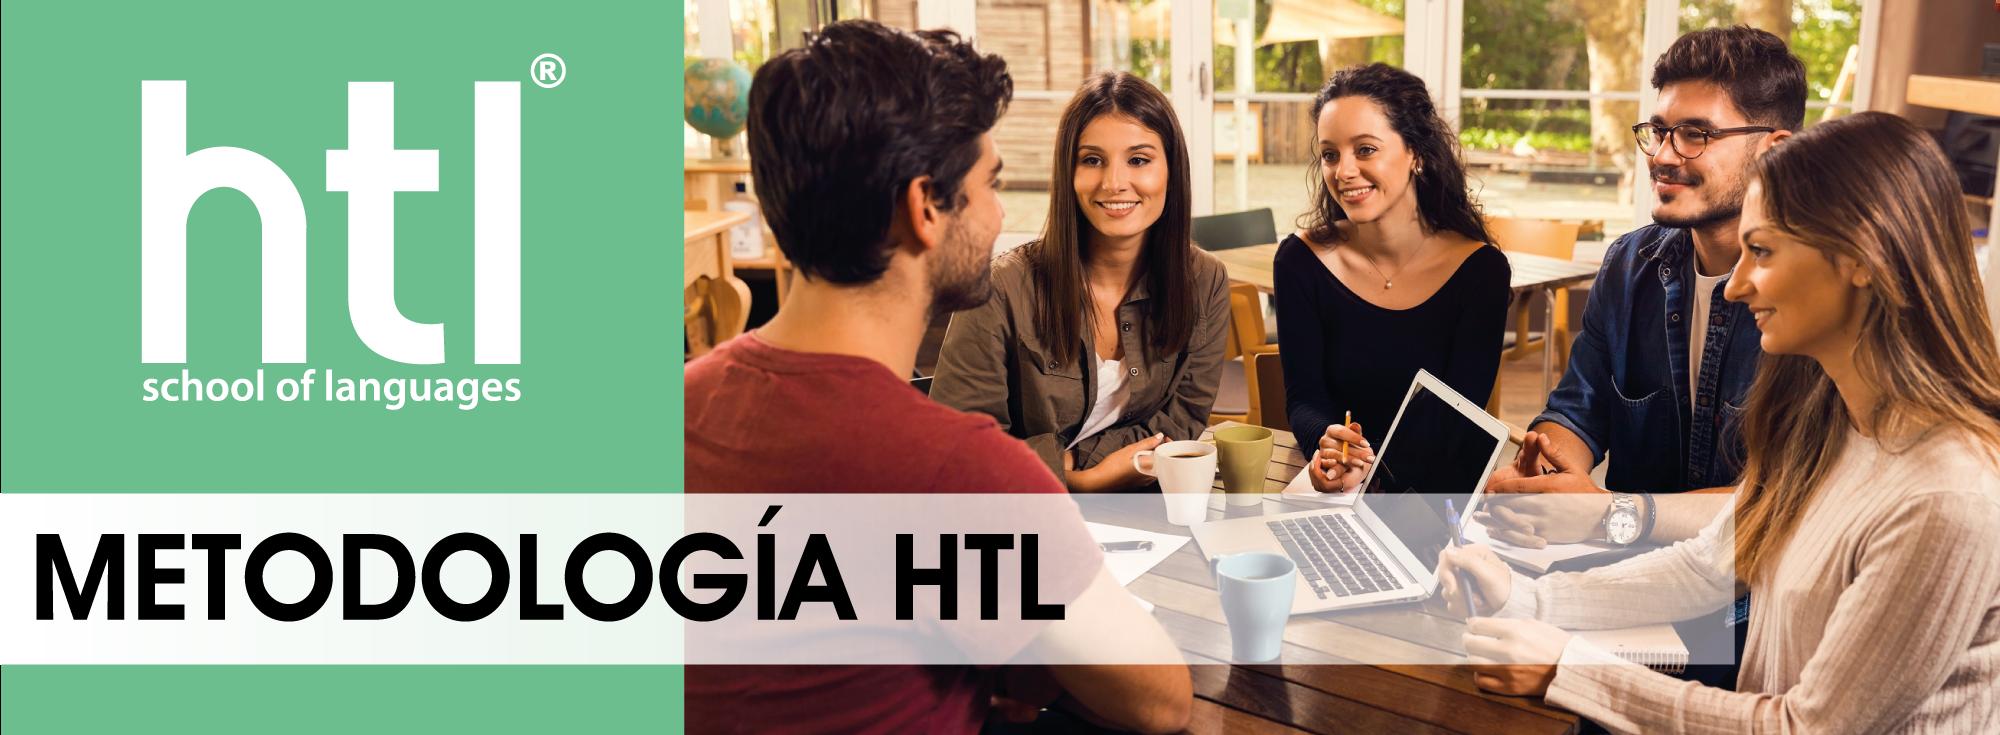 Metodologia facilde idiomas Htlididiomas, curso de idiomas htl